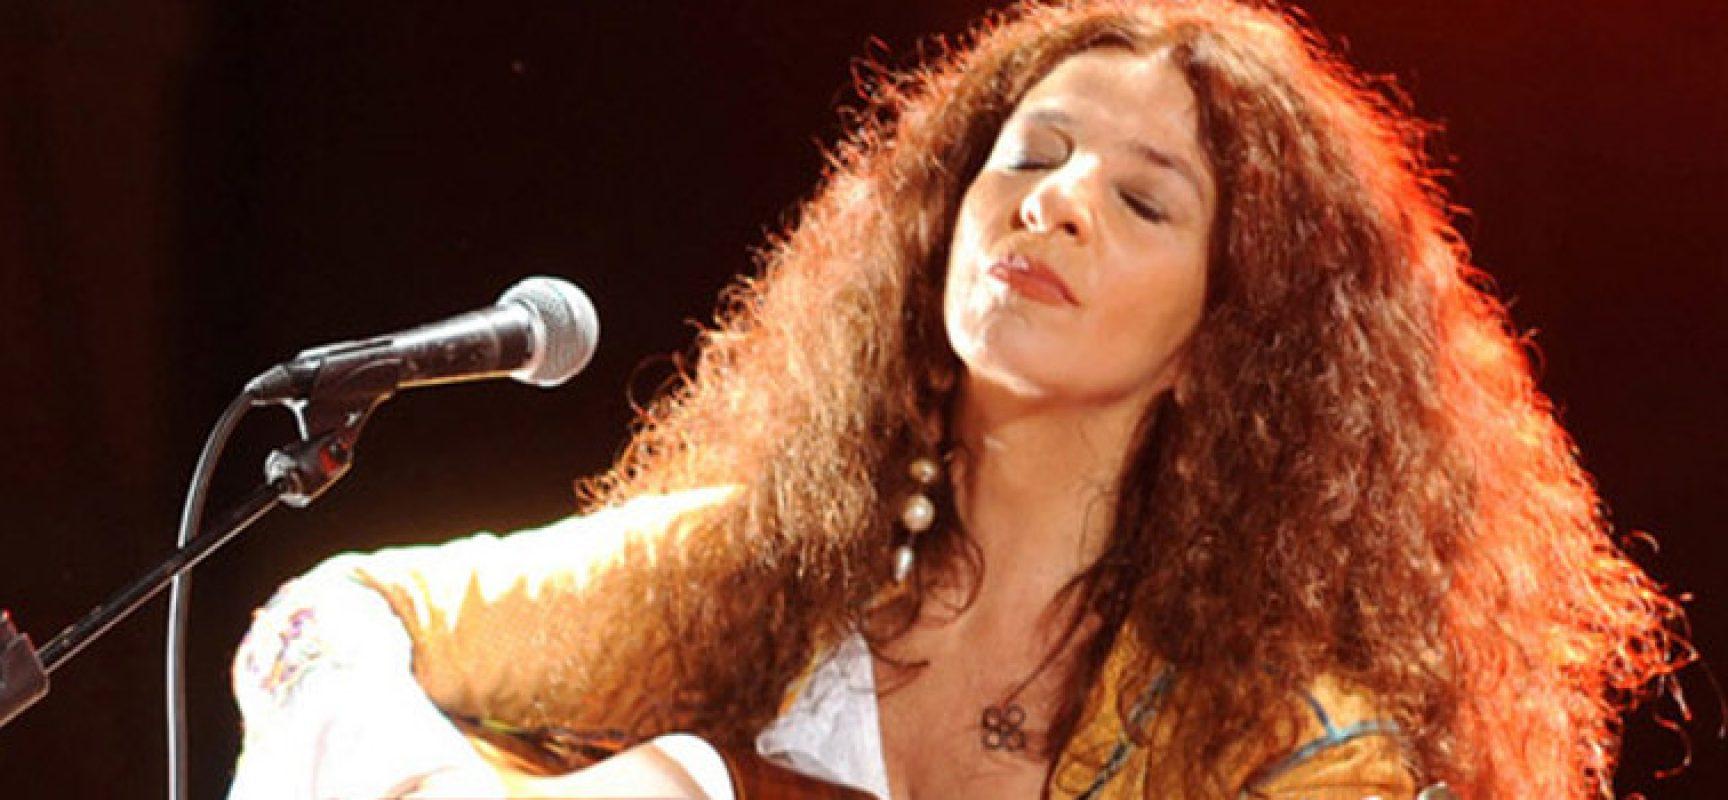 Teresa De Sio canta Pino Daniele a Bisceglie, evento gratuito